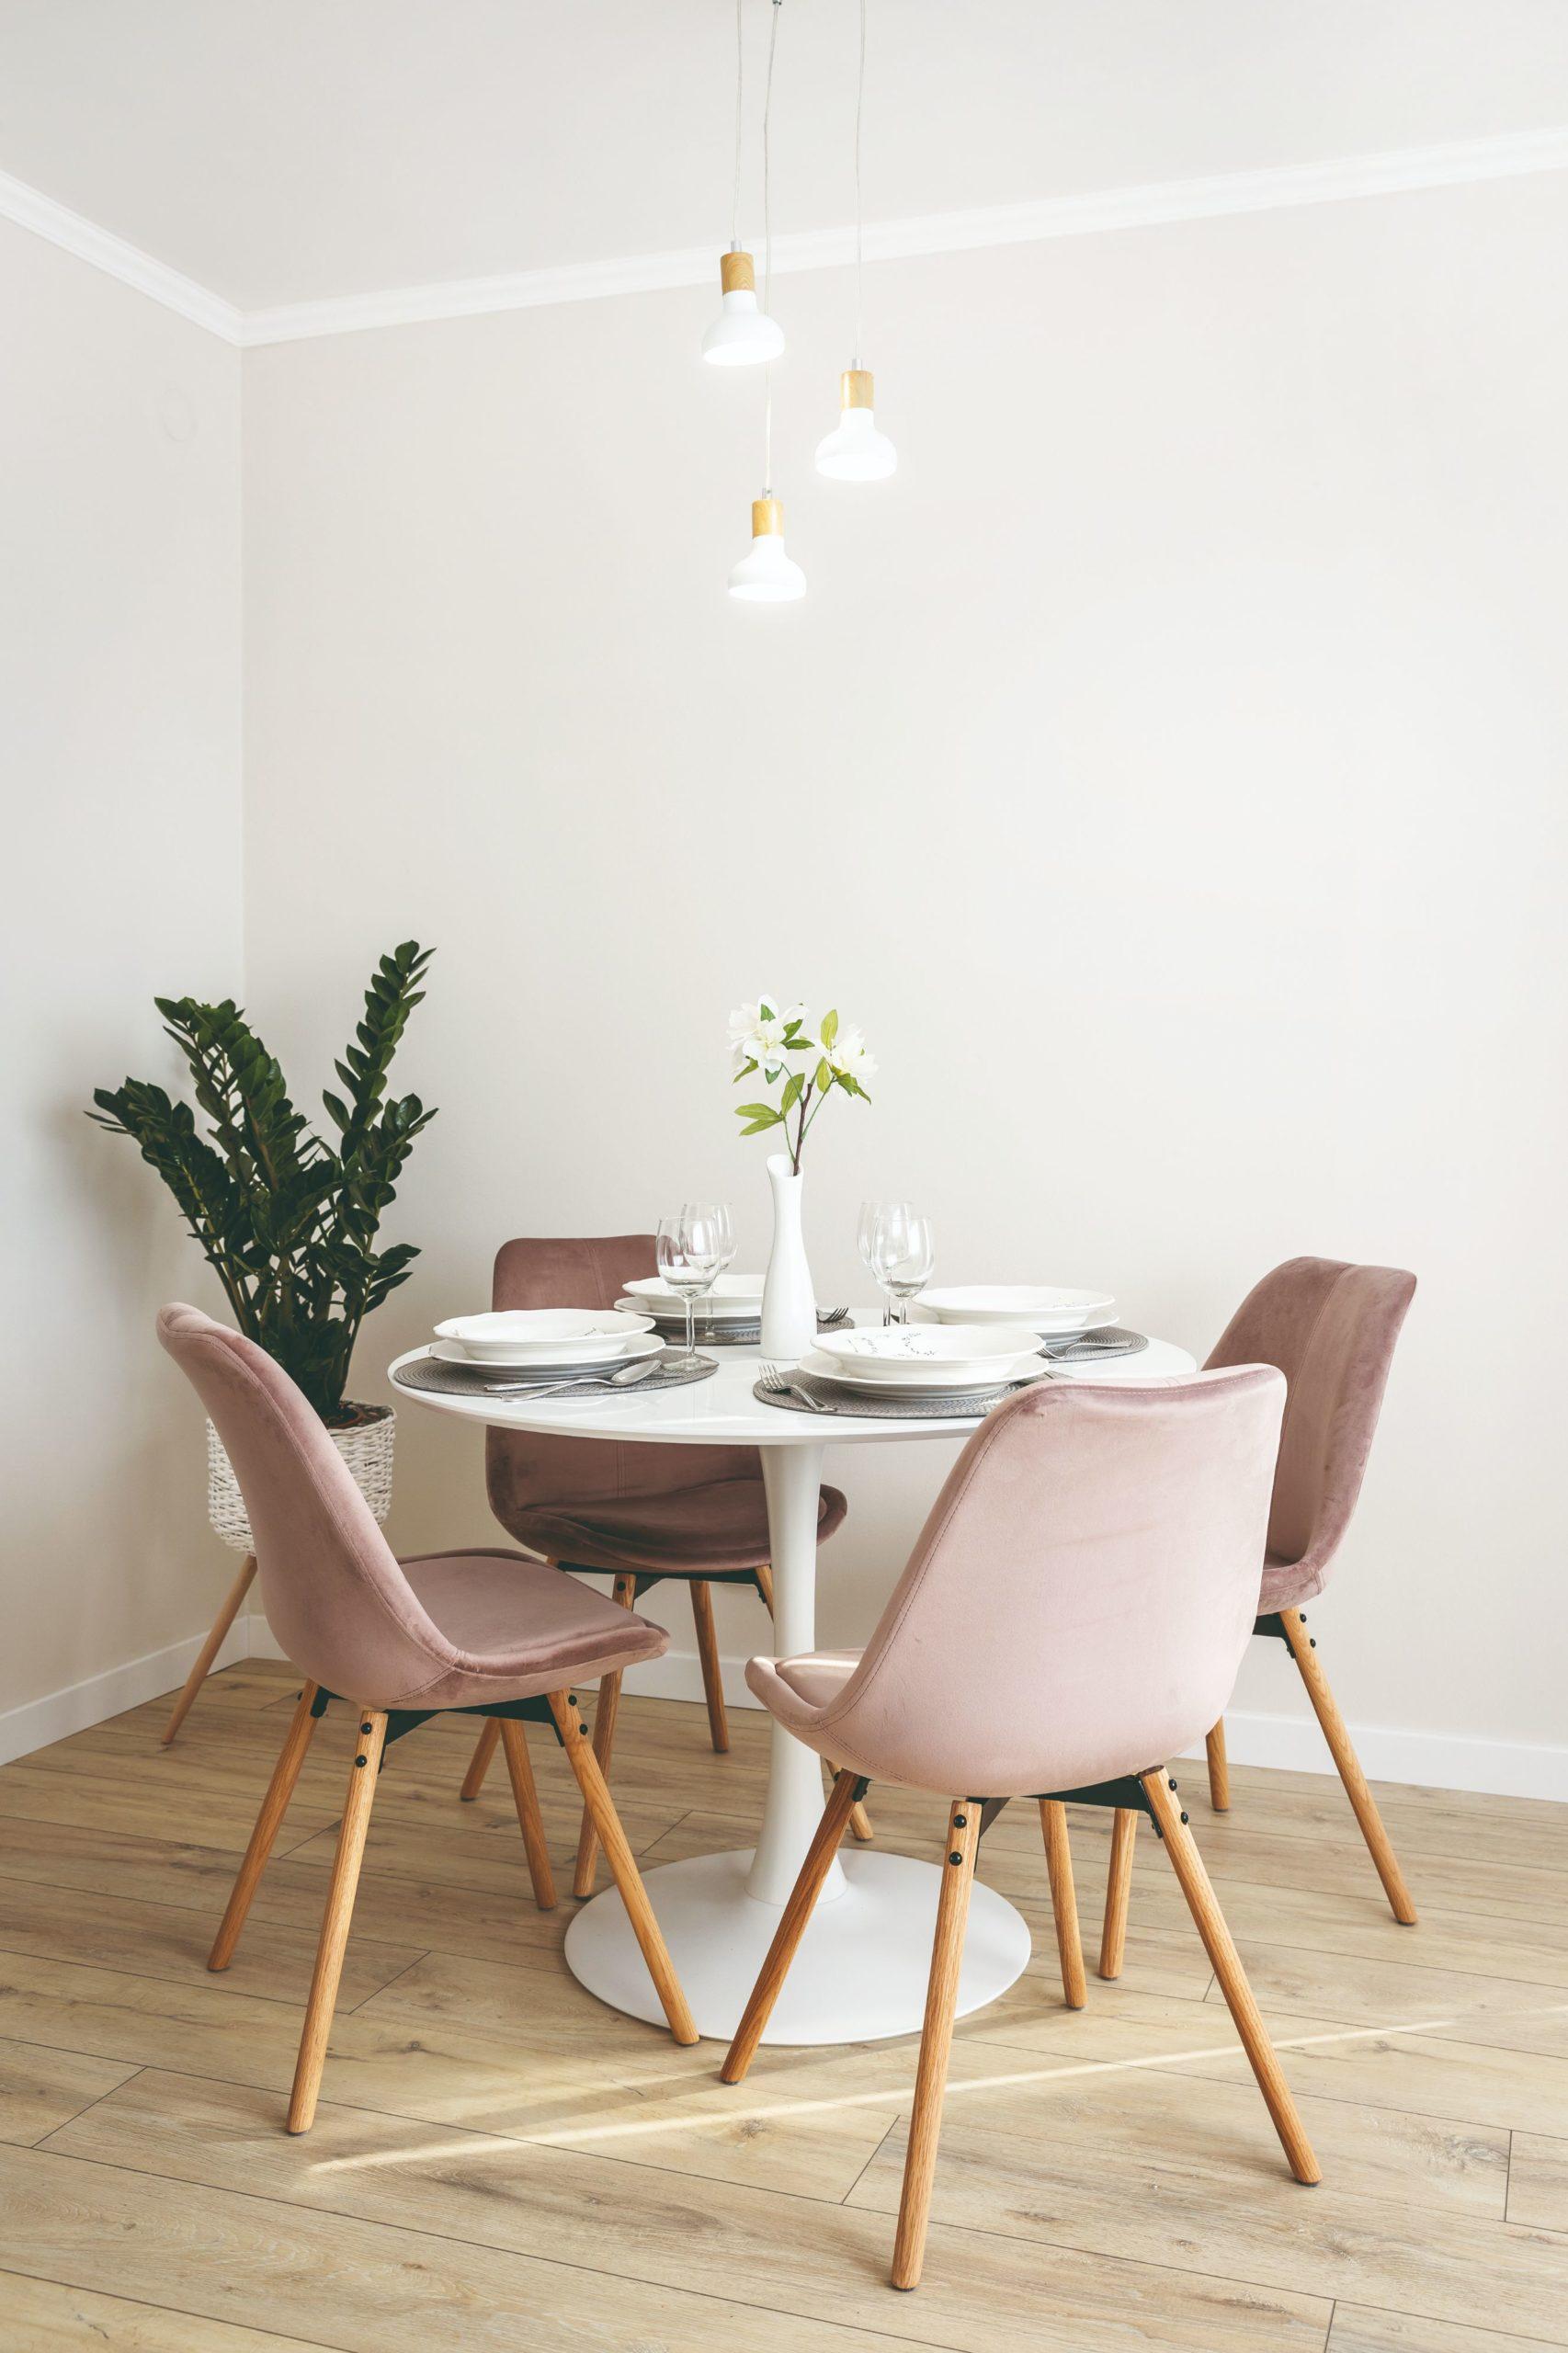 Jídelna jemná pastelová barva židlí